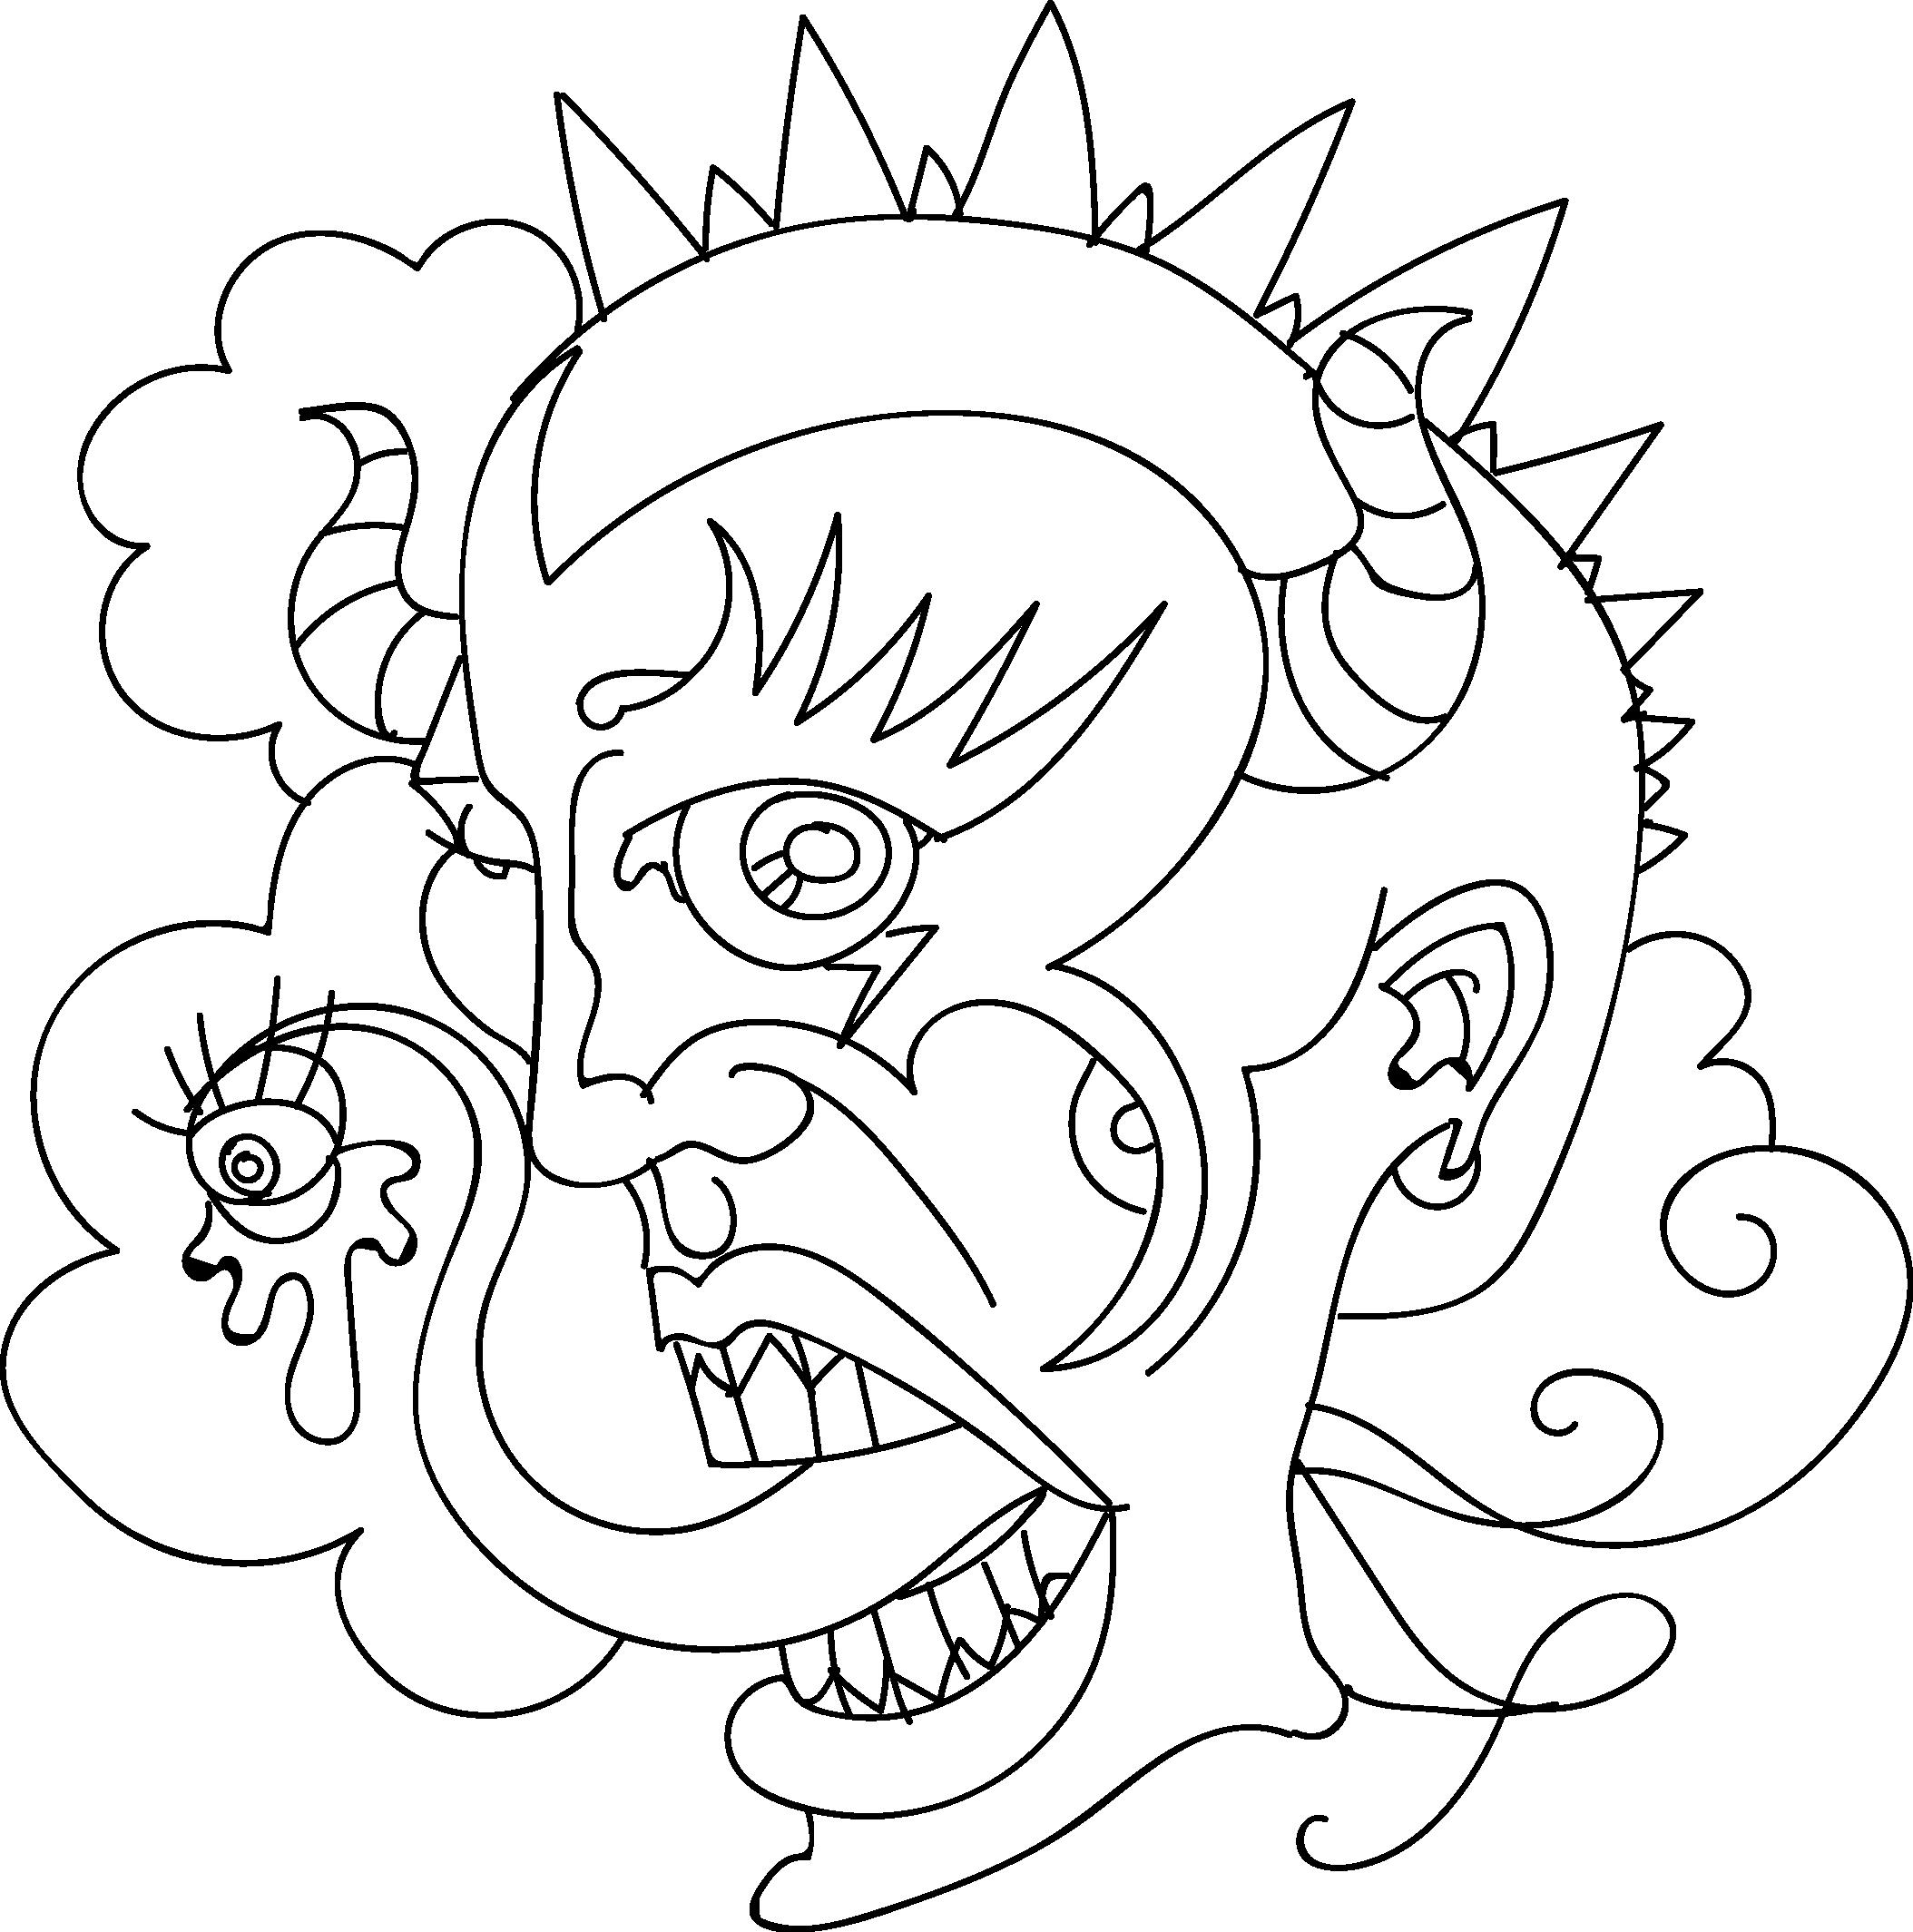 Doodle II